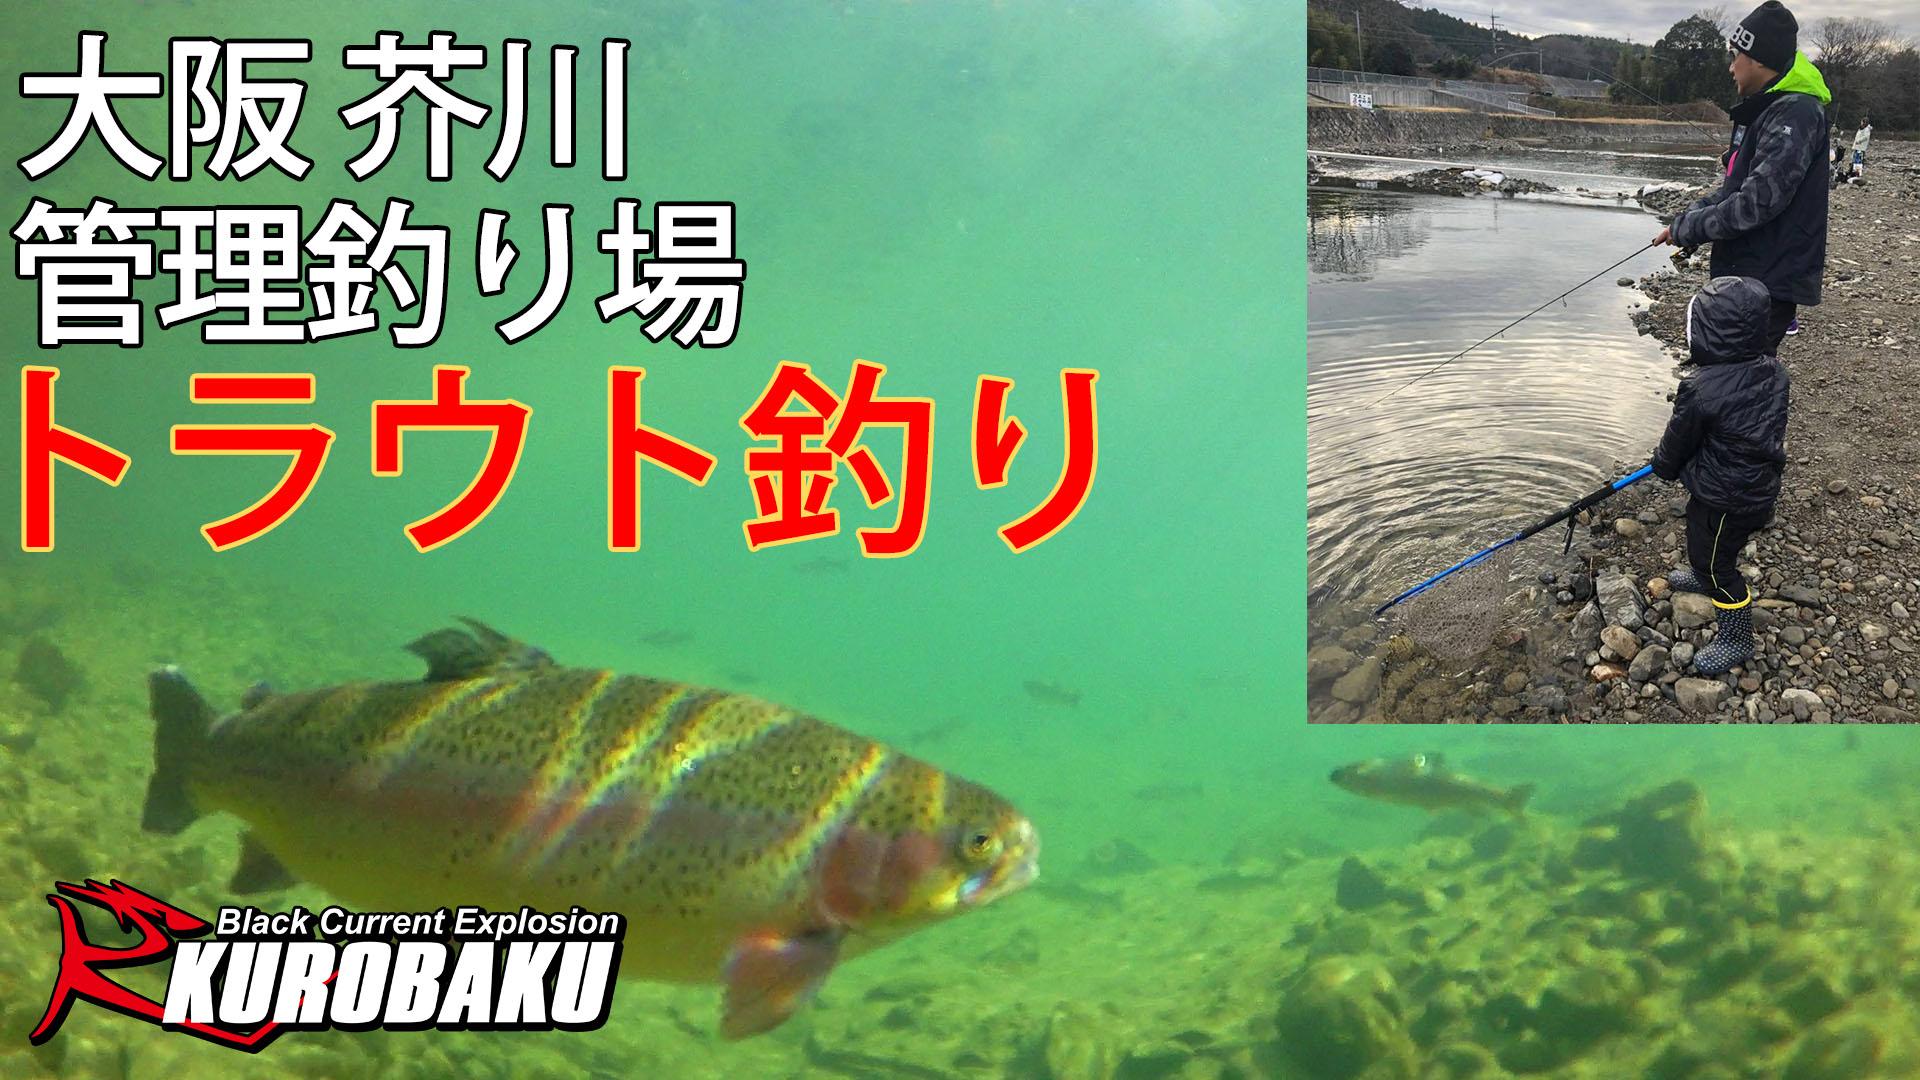 管理釣り場 トラウト釣り 大阪 芥川 のサムネイル